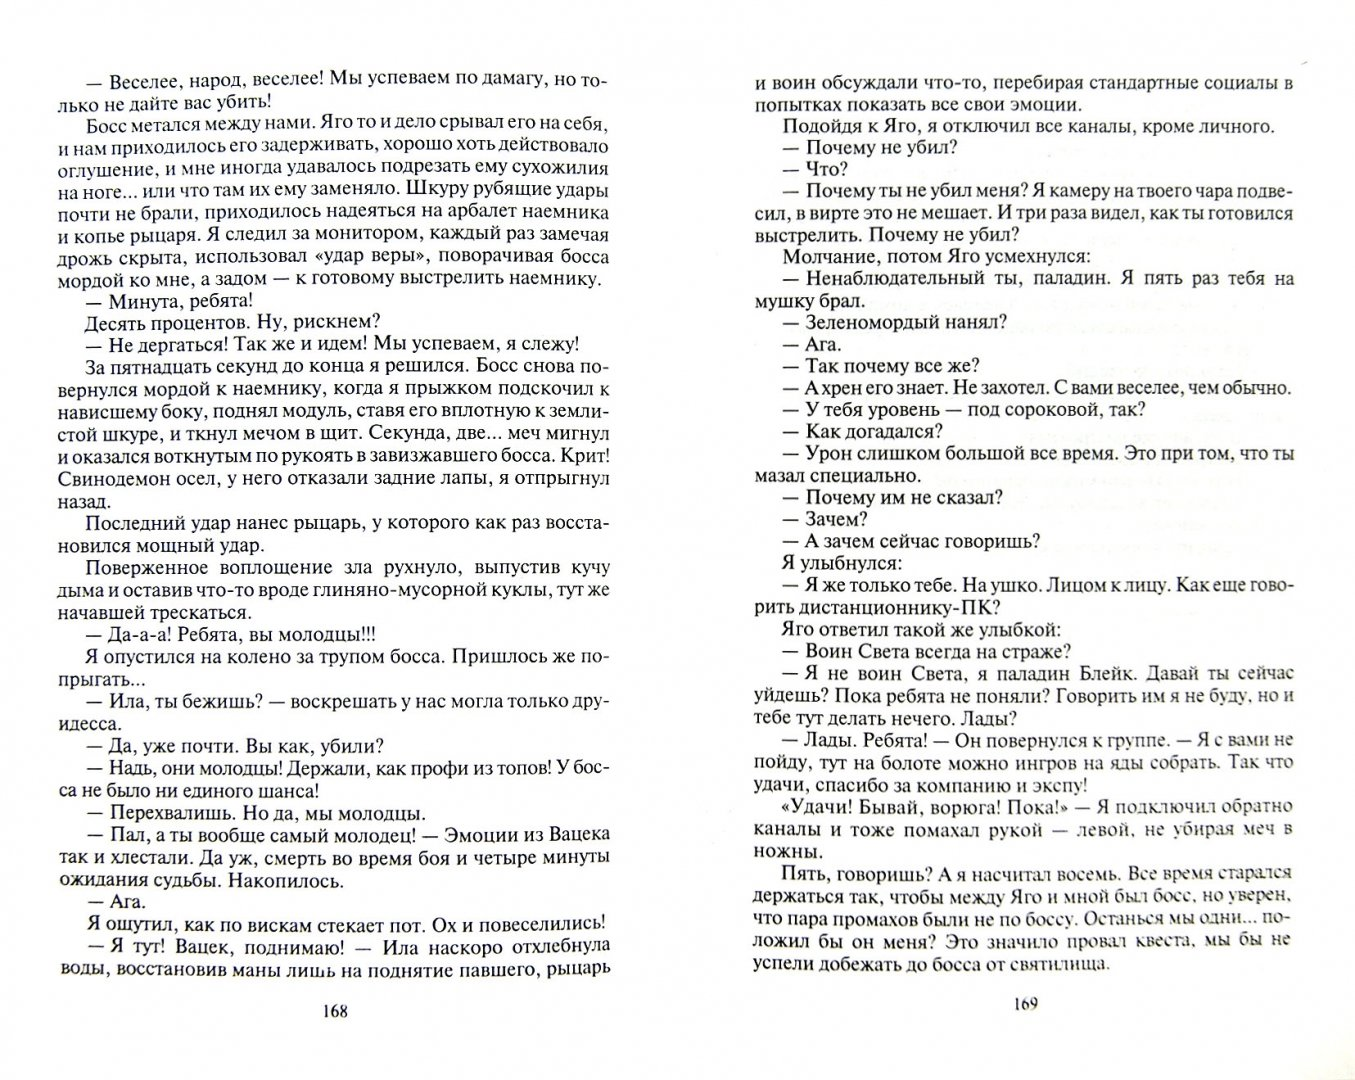 Иллюстрация 1 из 16 для Творцы судьбы - Михаил Дулепа | Лабиринт - книги. Источник: Лабиринт